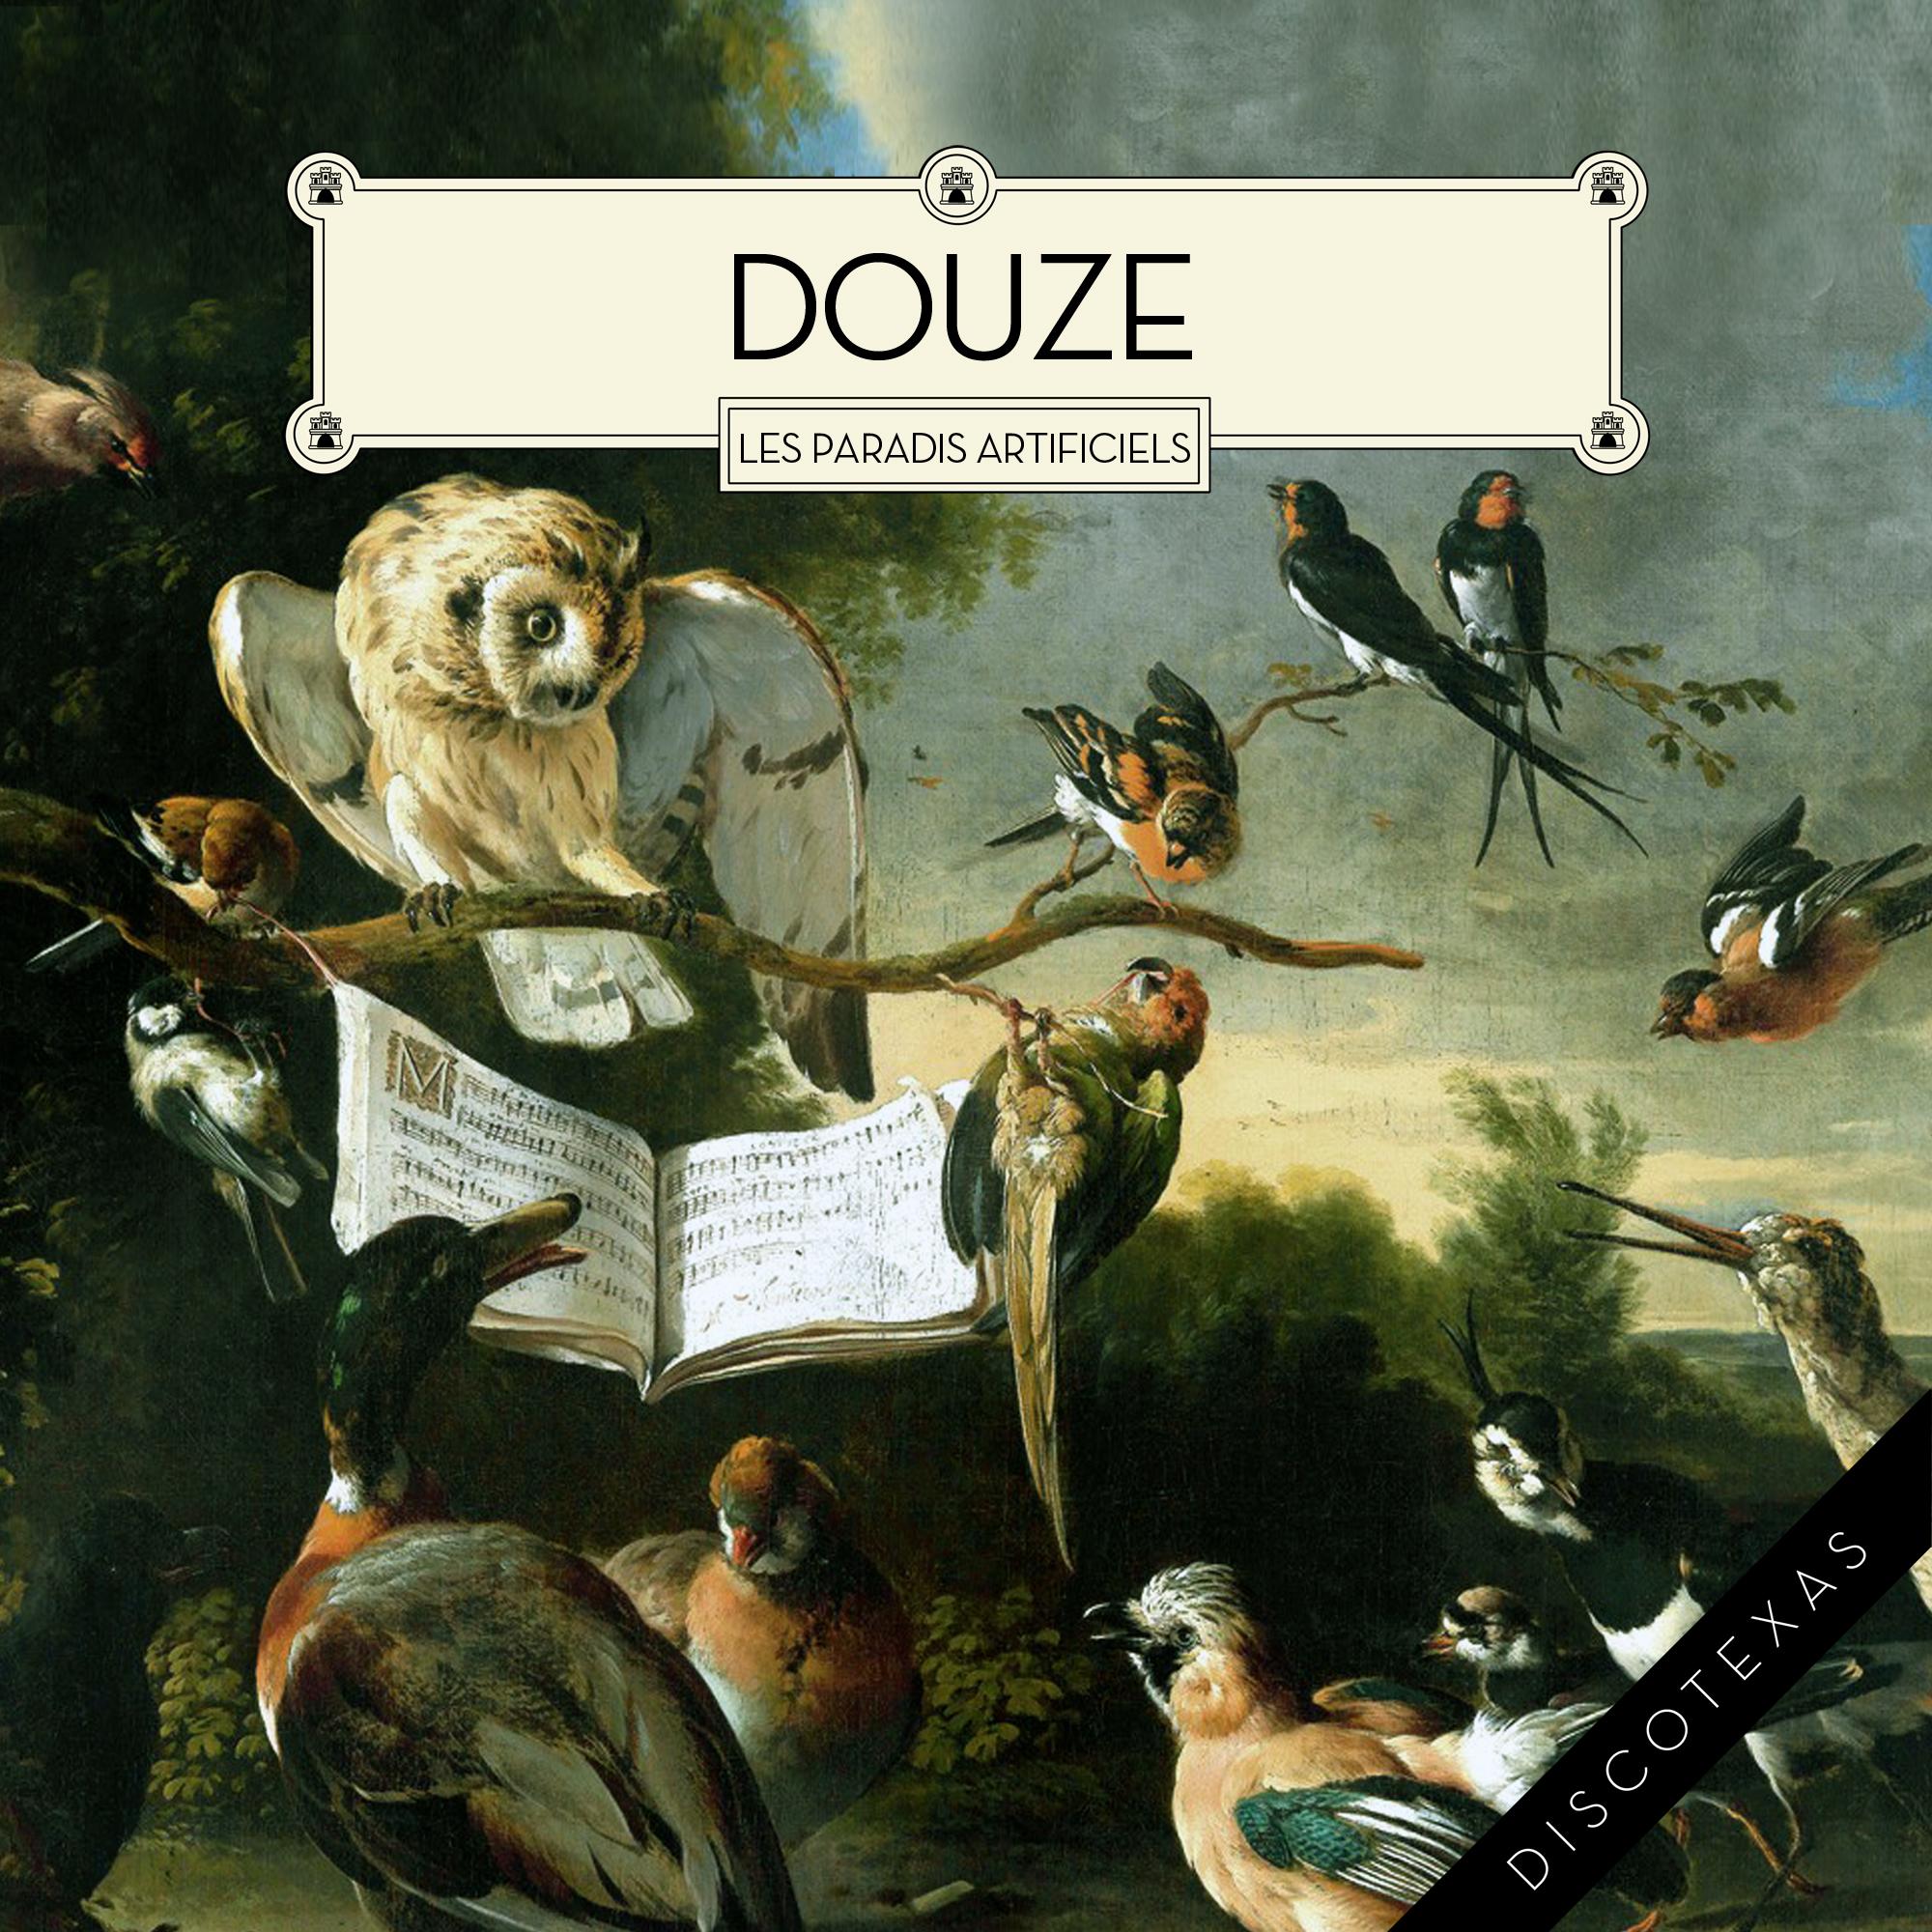 DT003: Douze - Les Paradis Artificiels